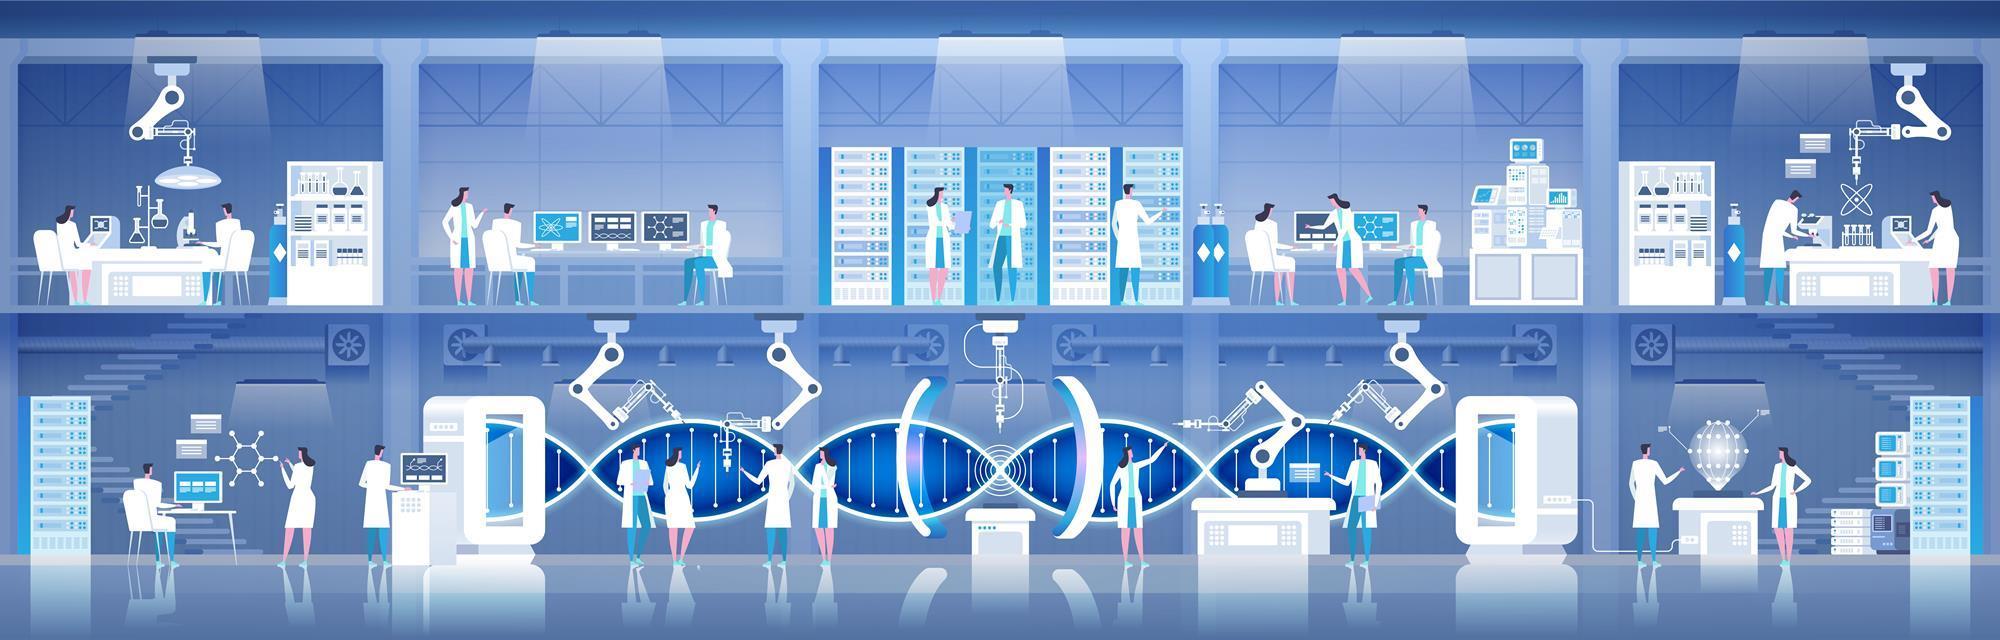 Optimising biotech processes